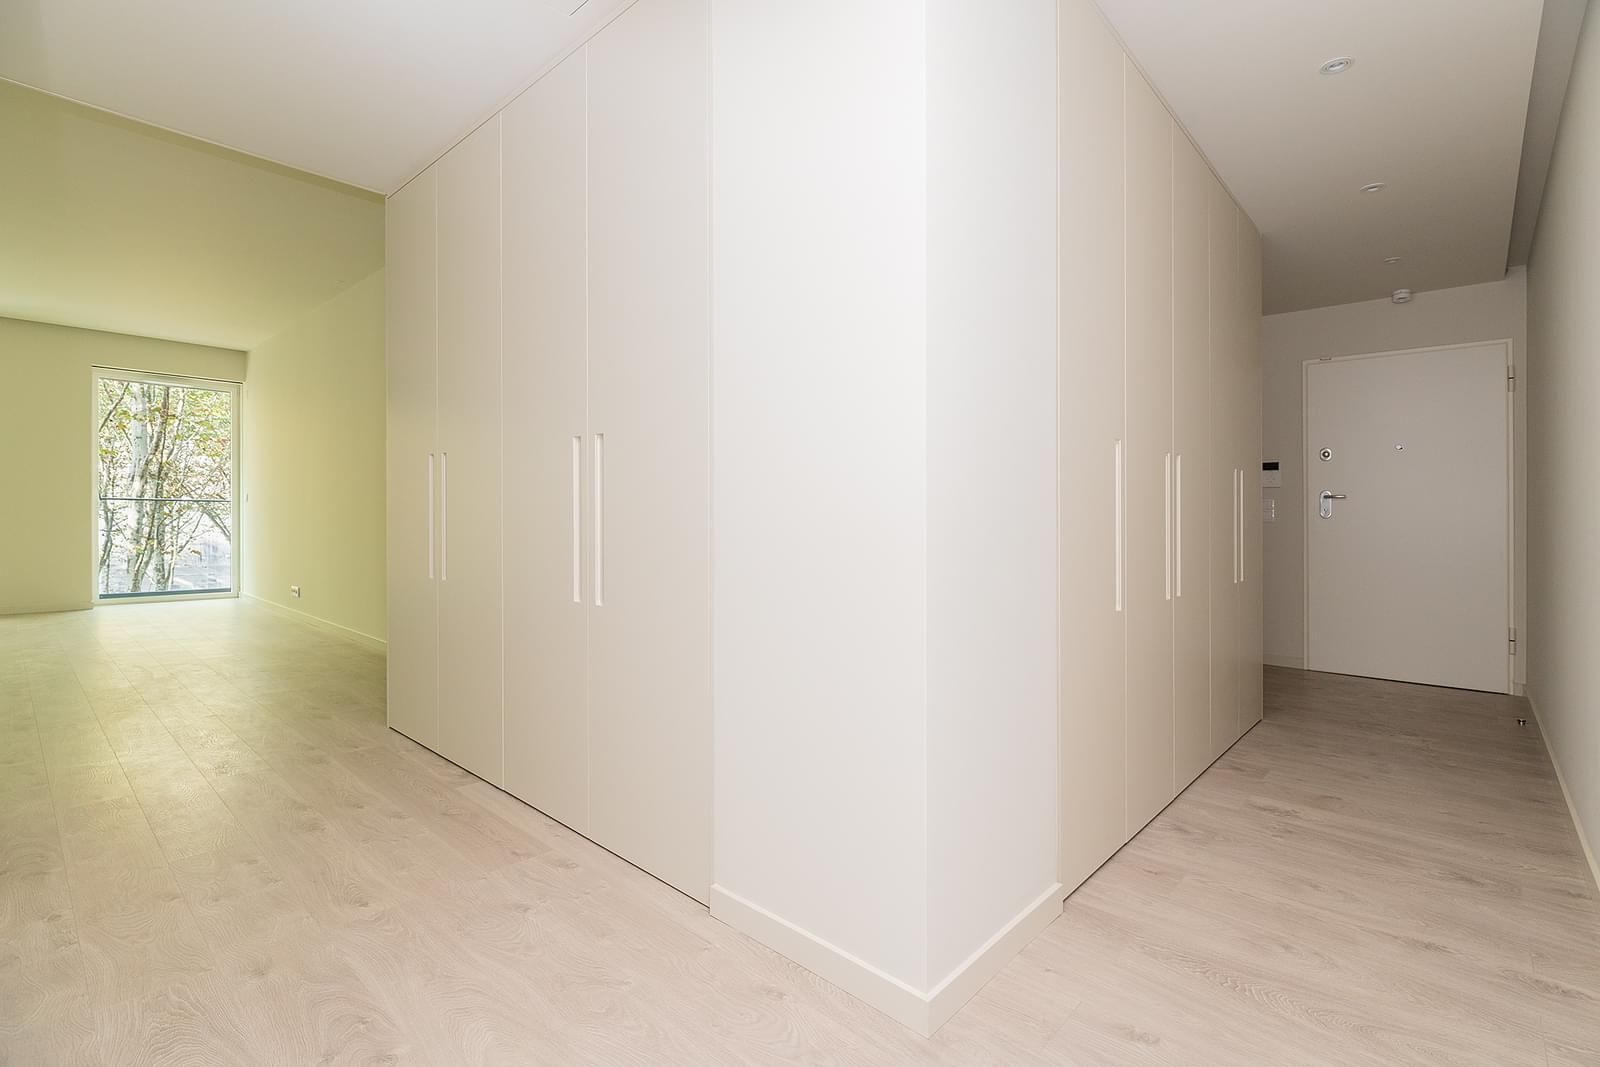 pf18308-apartamento-t2-lisboa-38404030-37b4-4e89-9211-e9b4d2a9d667